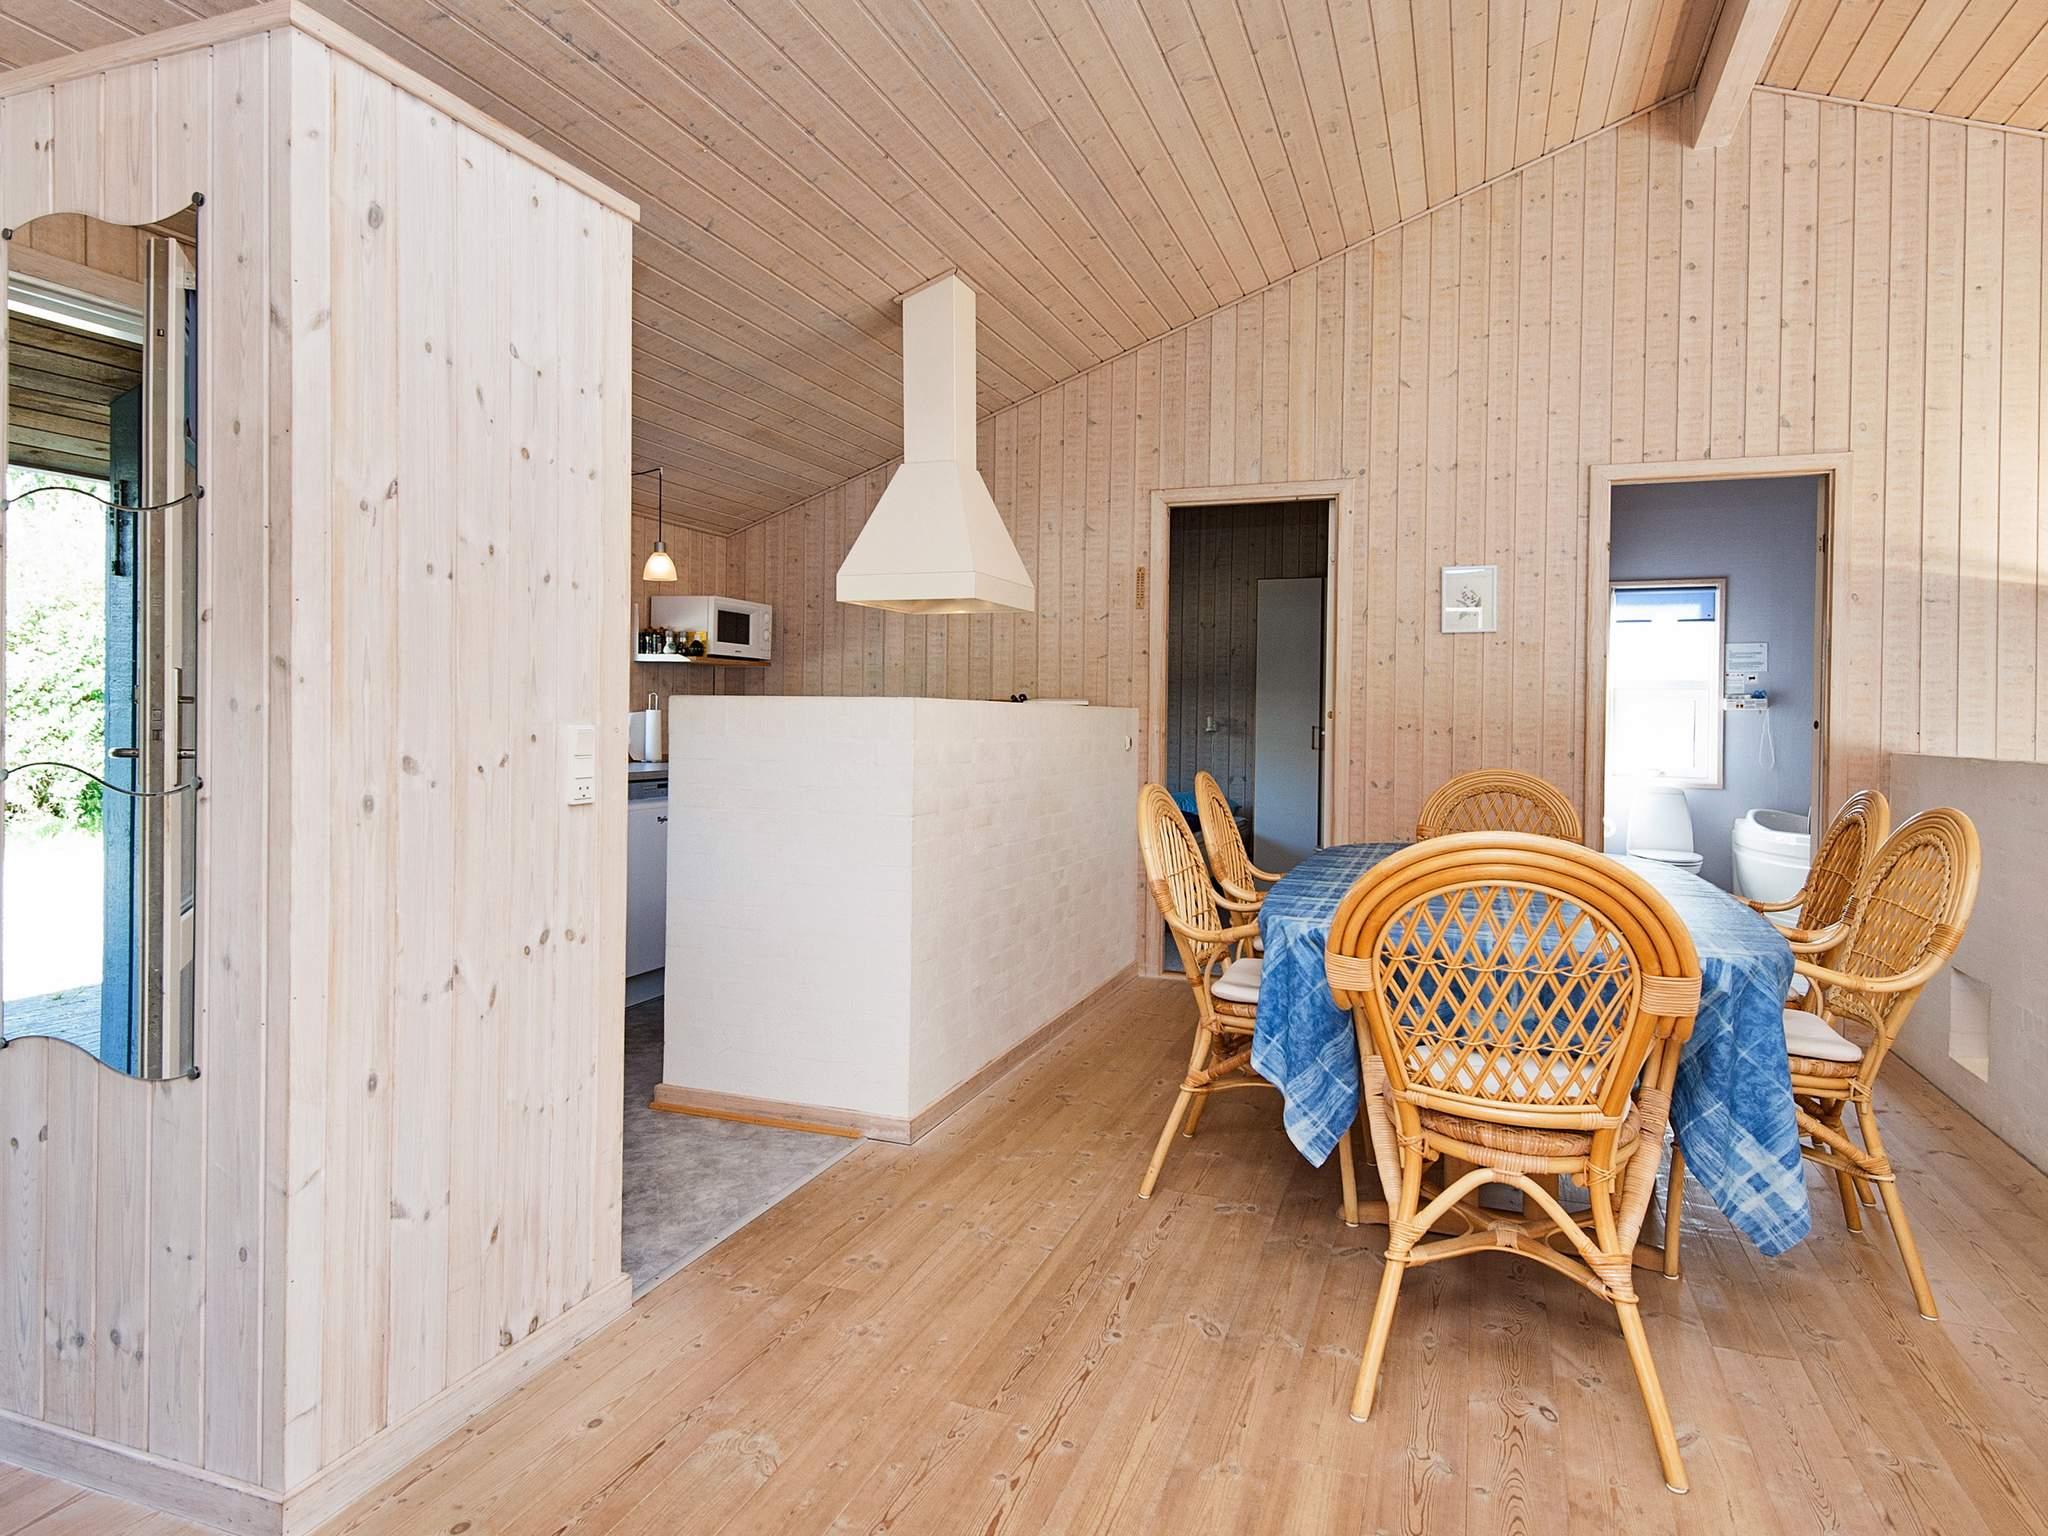 Ferienhaus Bønnerup Strand (125810), Bønnerup, , Ostjütland, Dänemark, Bild 5